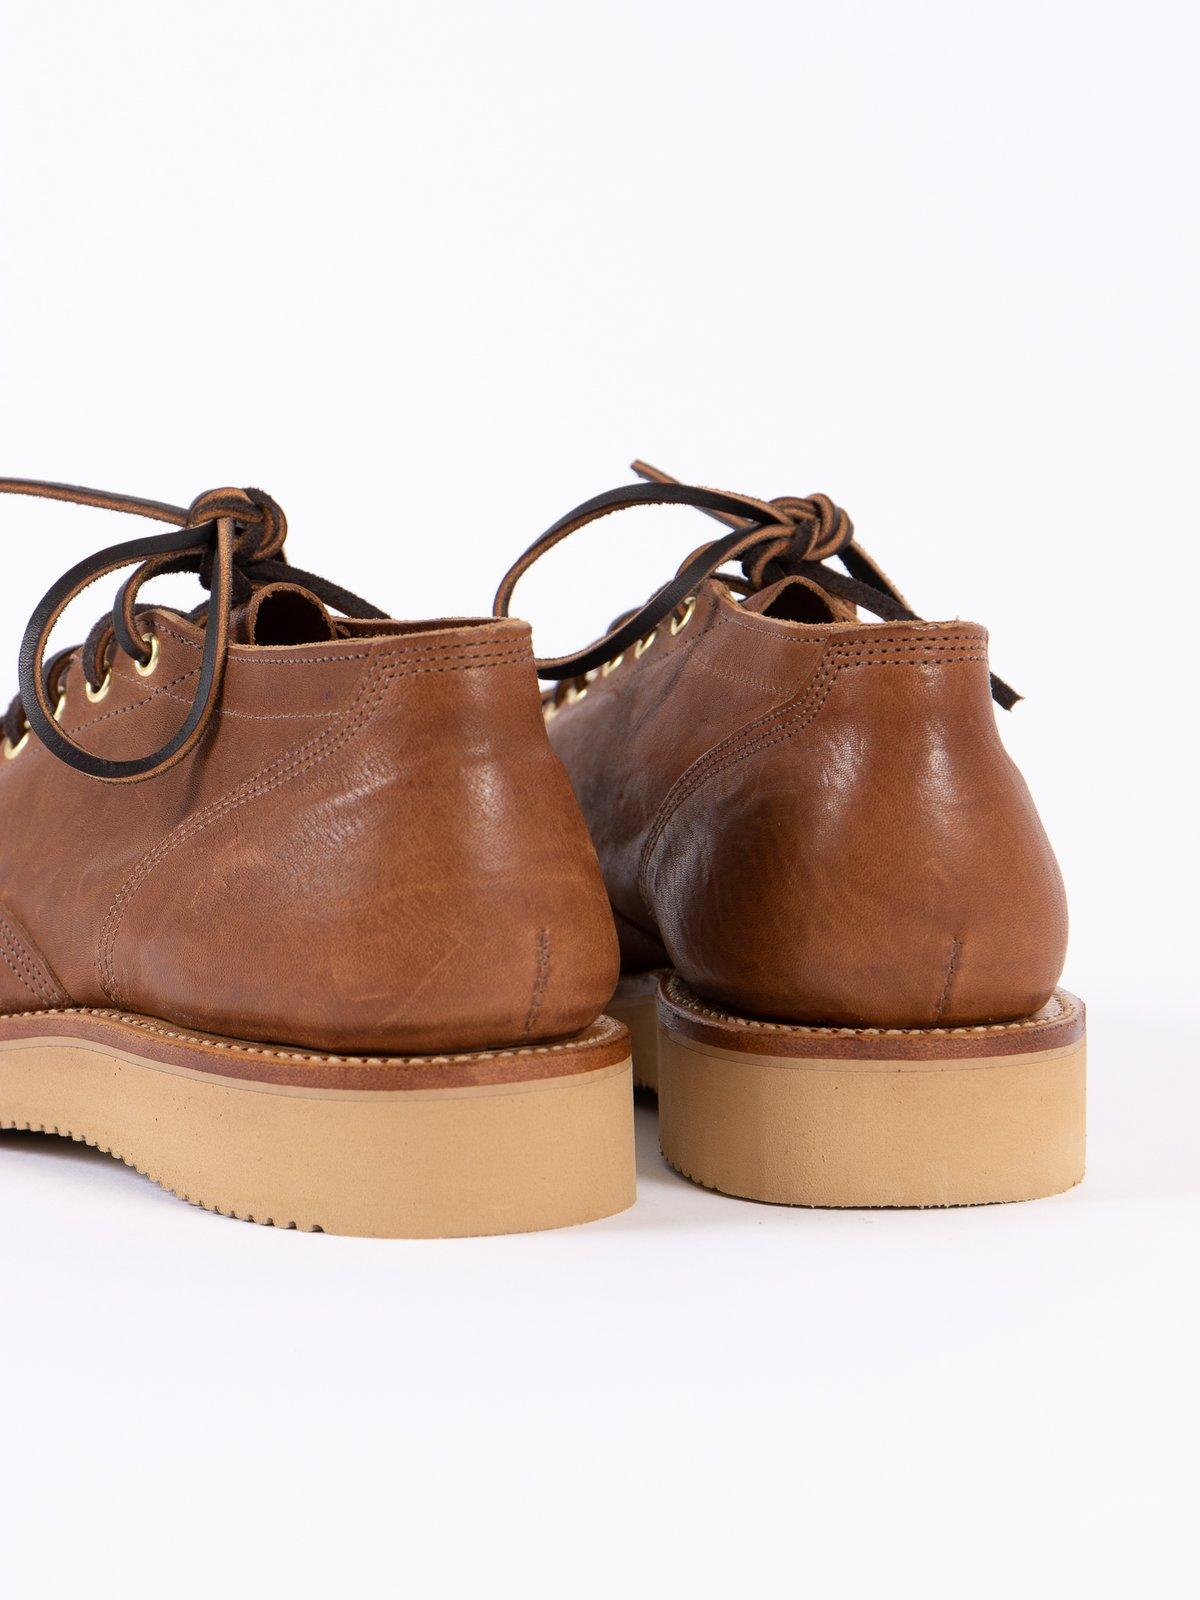 Maryam Tan Washed Horse Hide 245 Oxford Shoe - Image 6